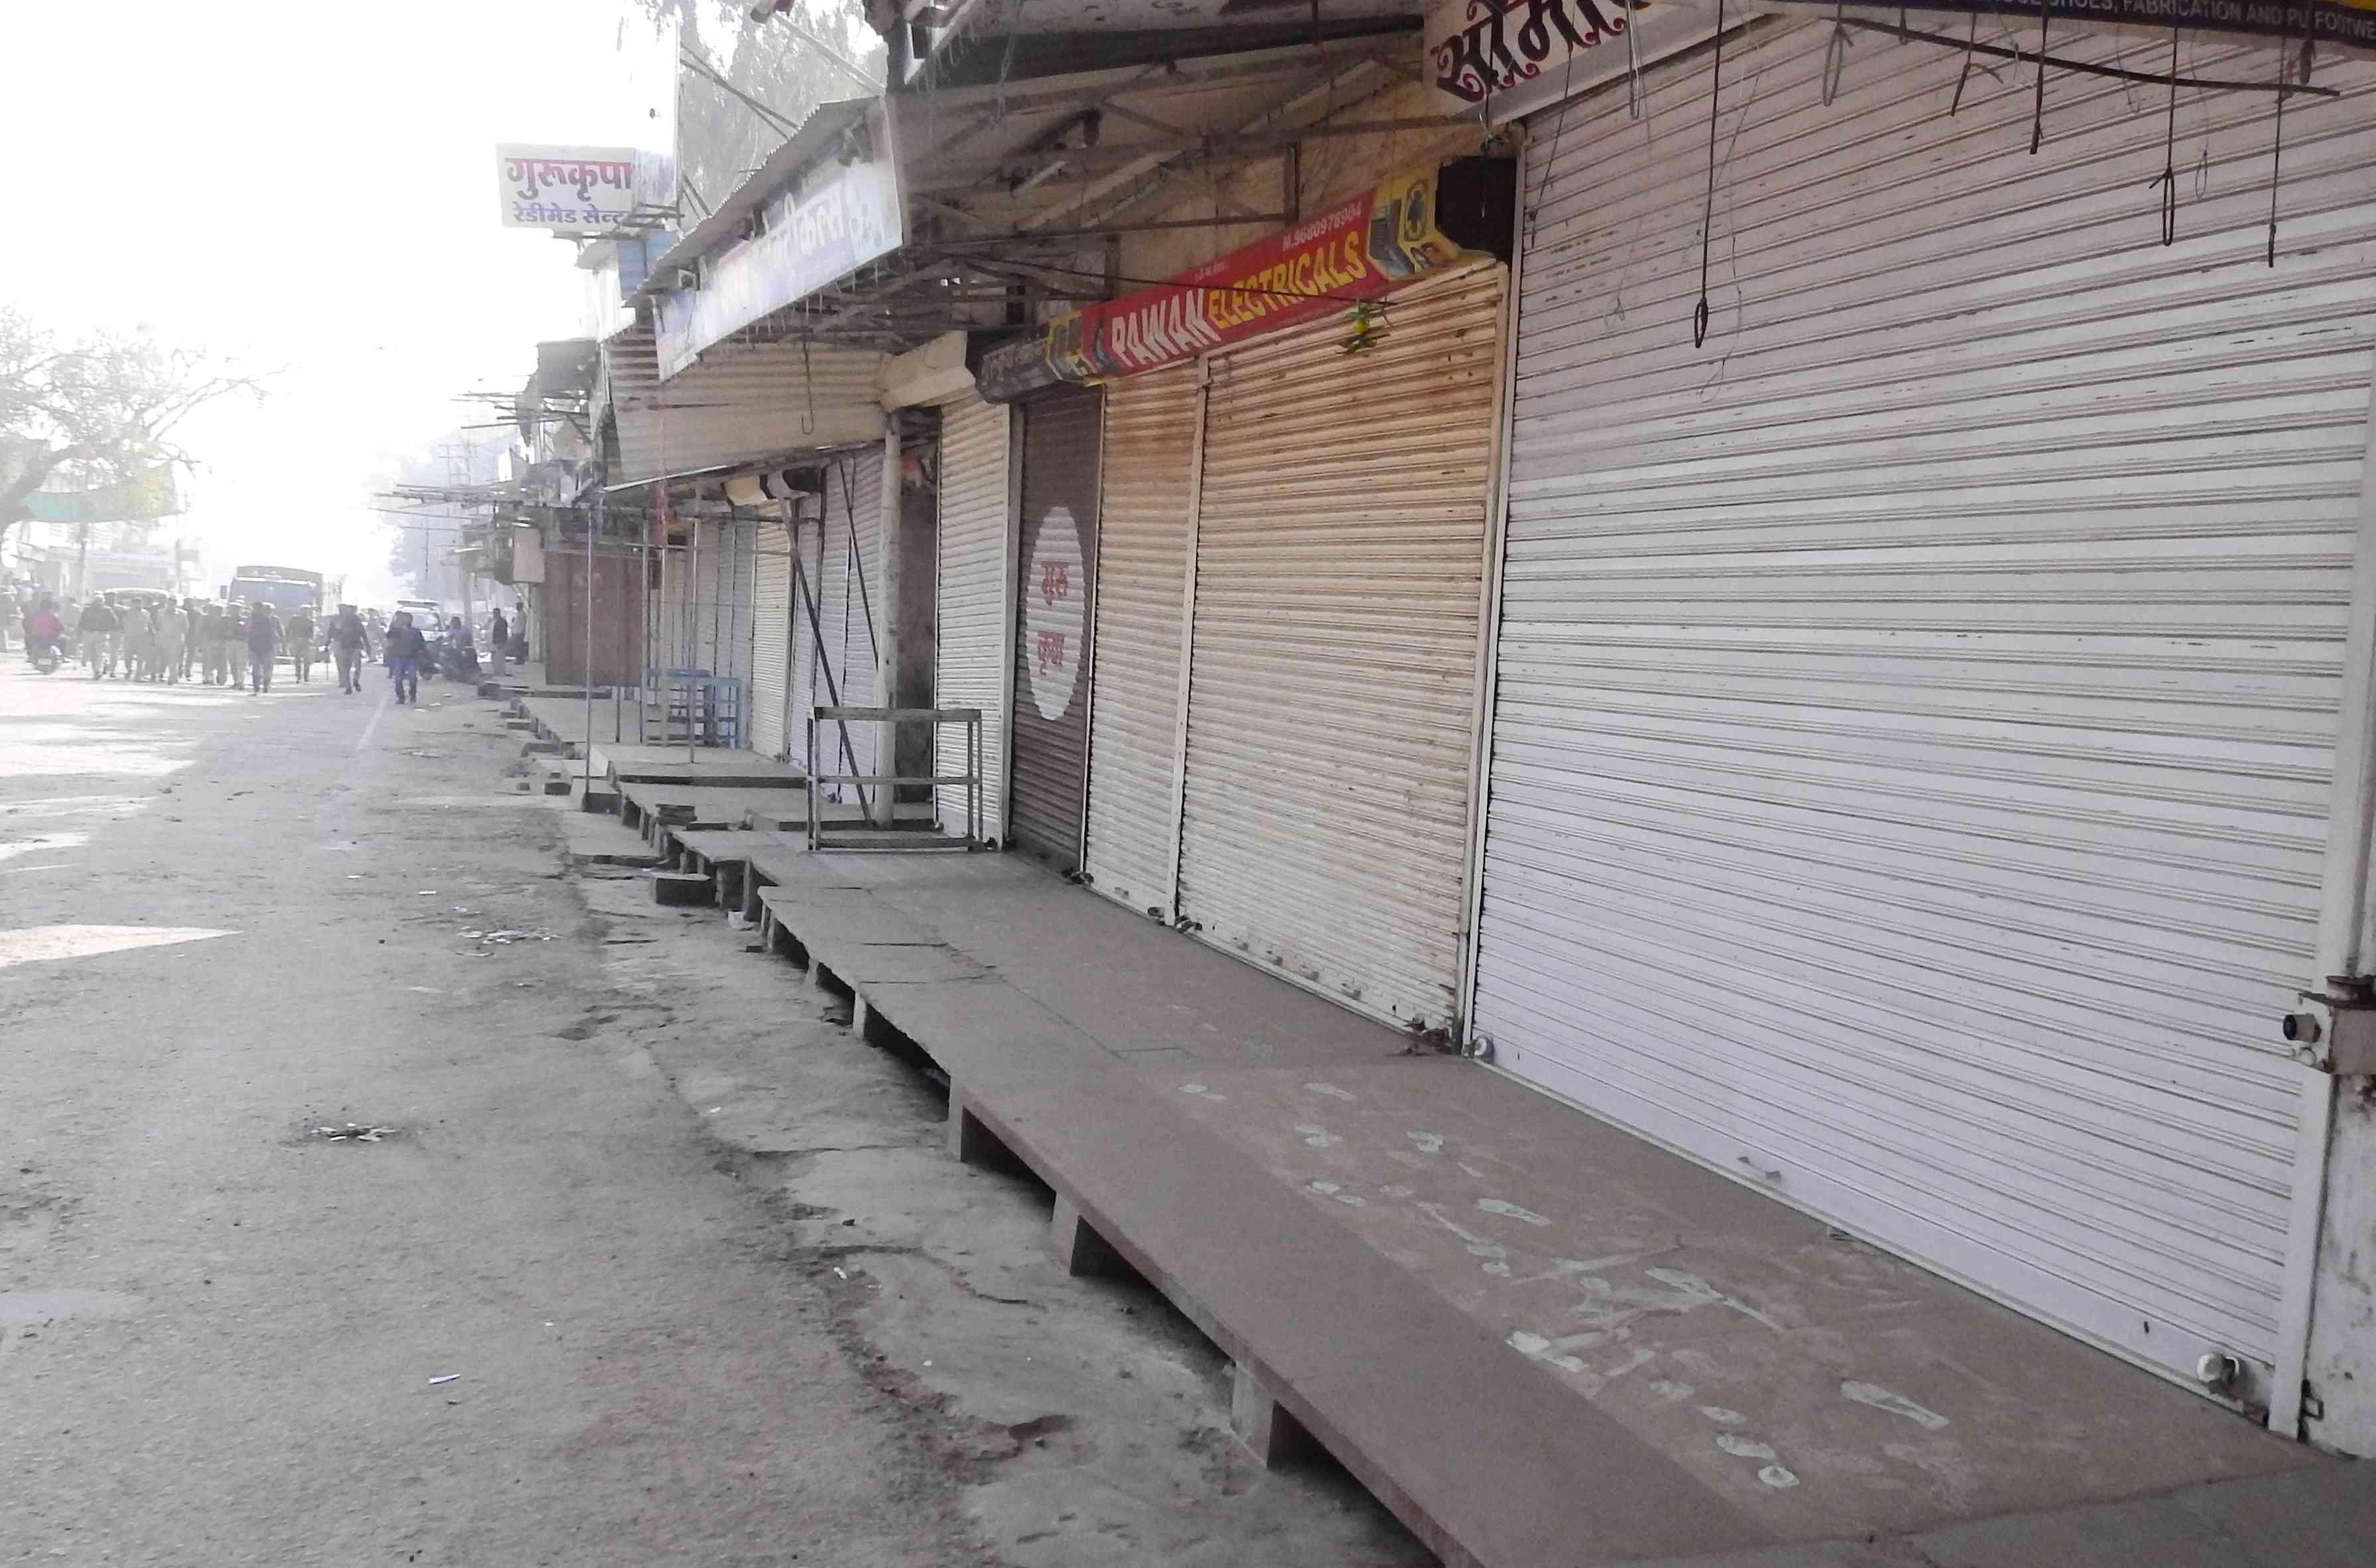 protest in Bundi